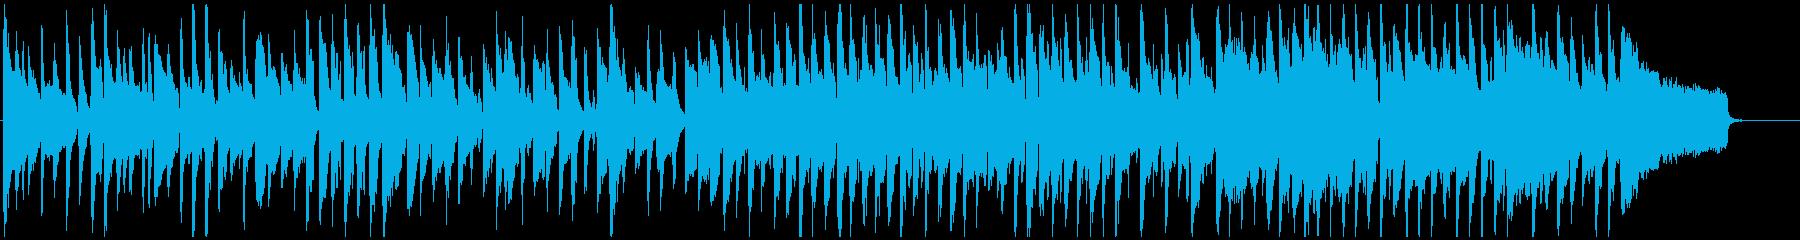 マヌケな雰囲気の脱力系リコーダー劇伴の再生済みの波形